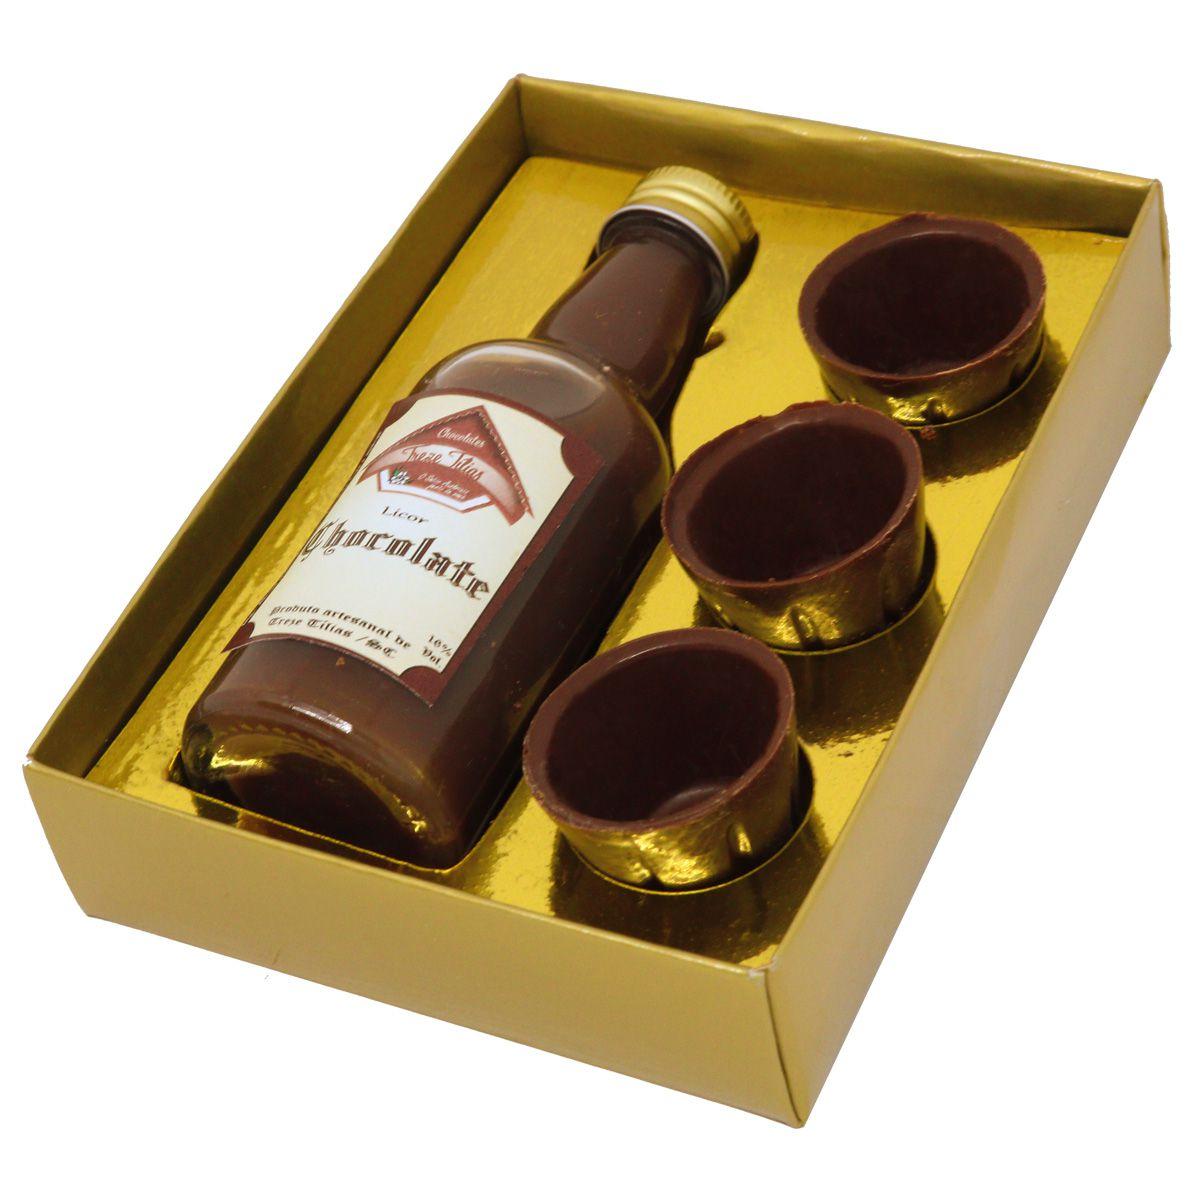 Caixa Dourada Com Licor e Copinhos de Chocolate Belga